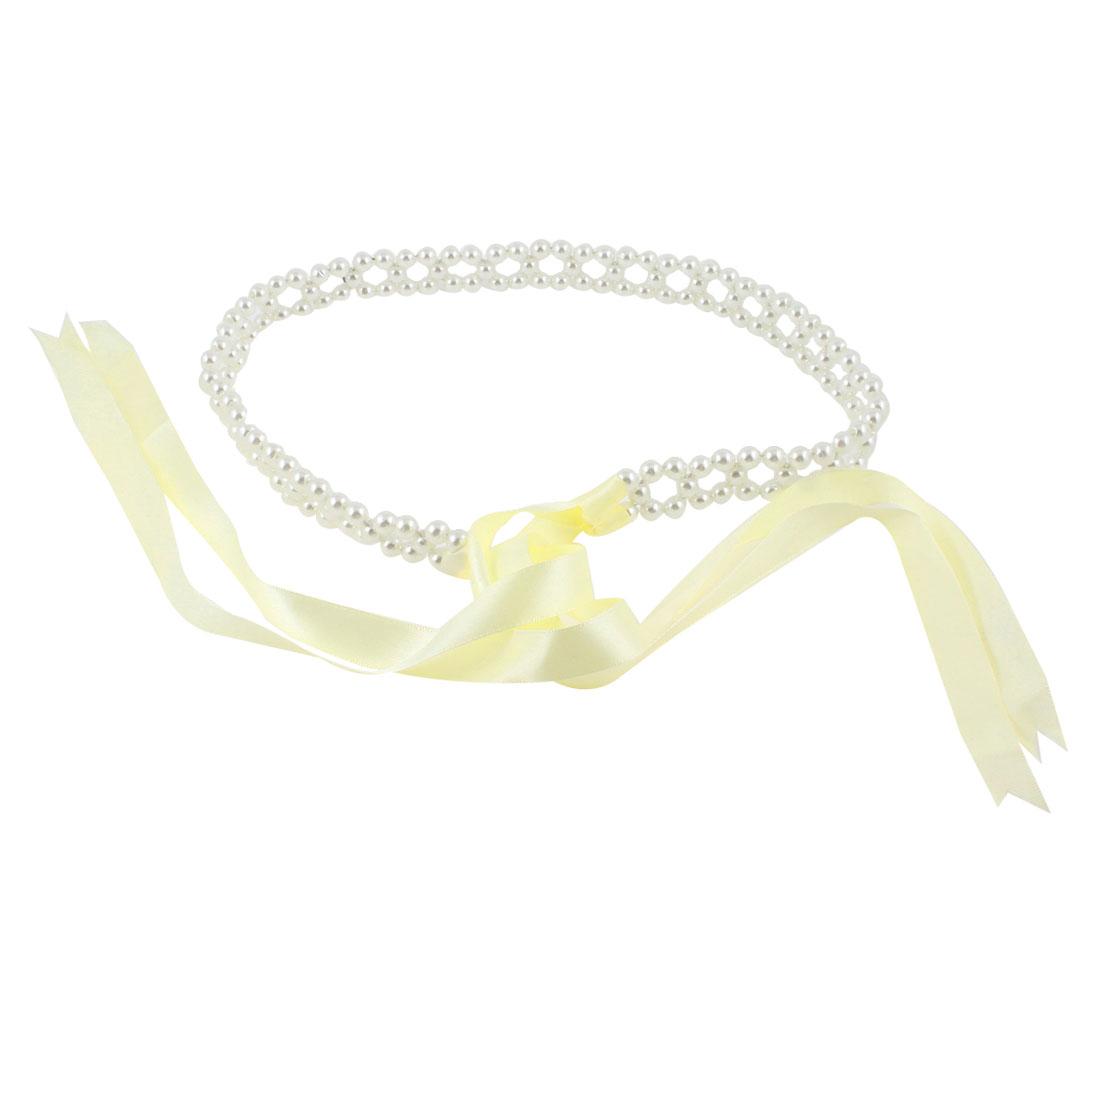 2cm Width Faux Pearl Chain Self Tie Waist Belt Off White